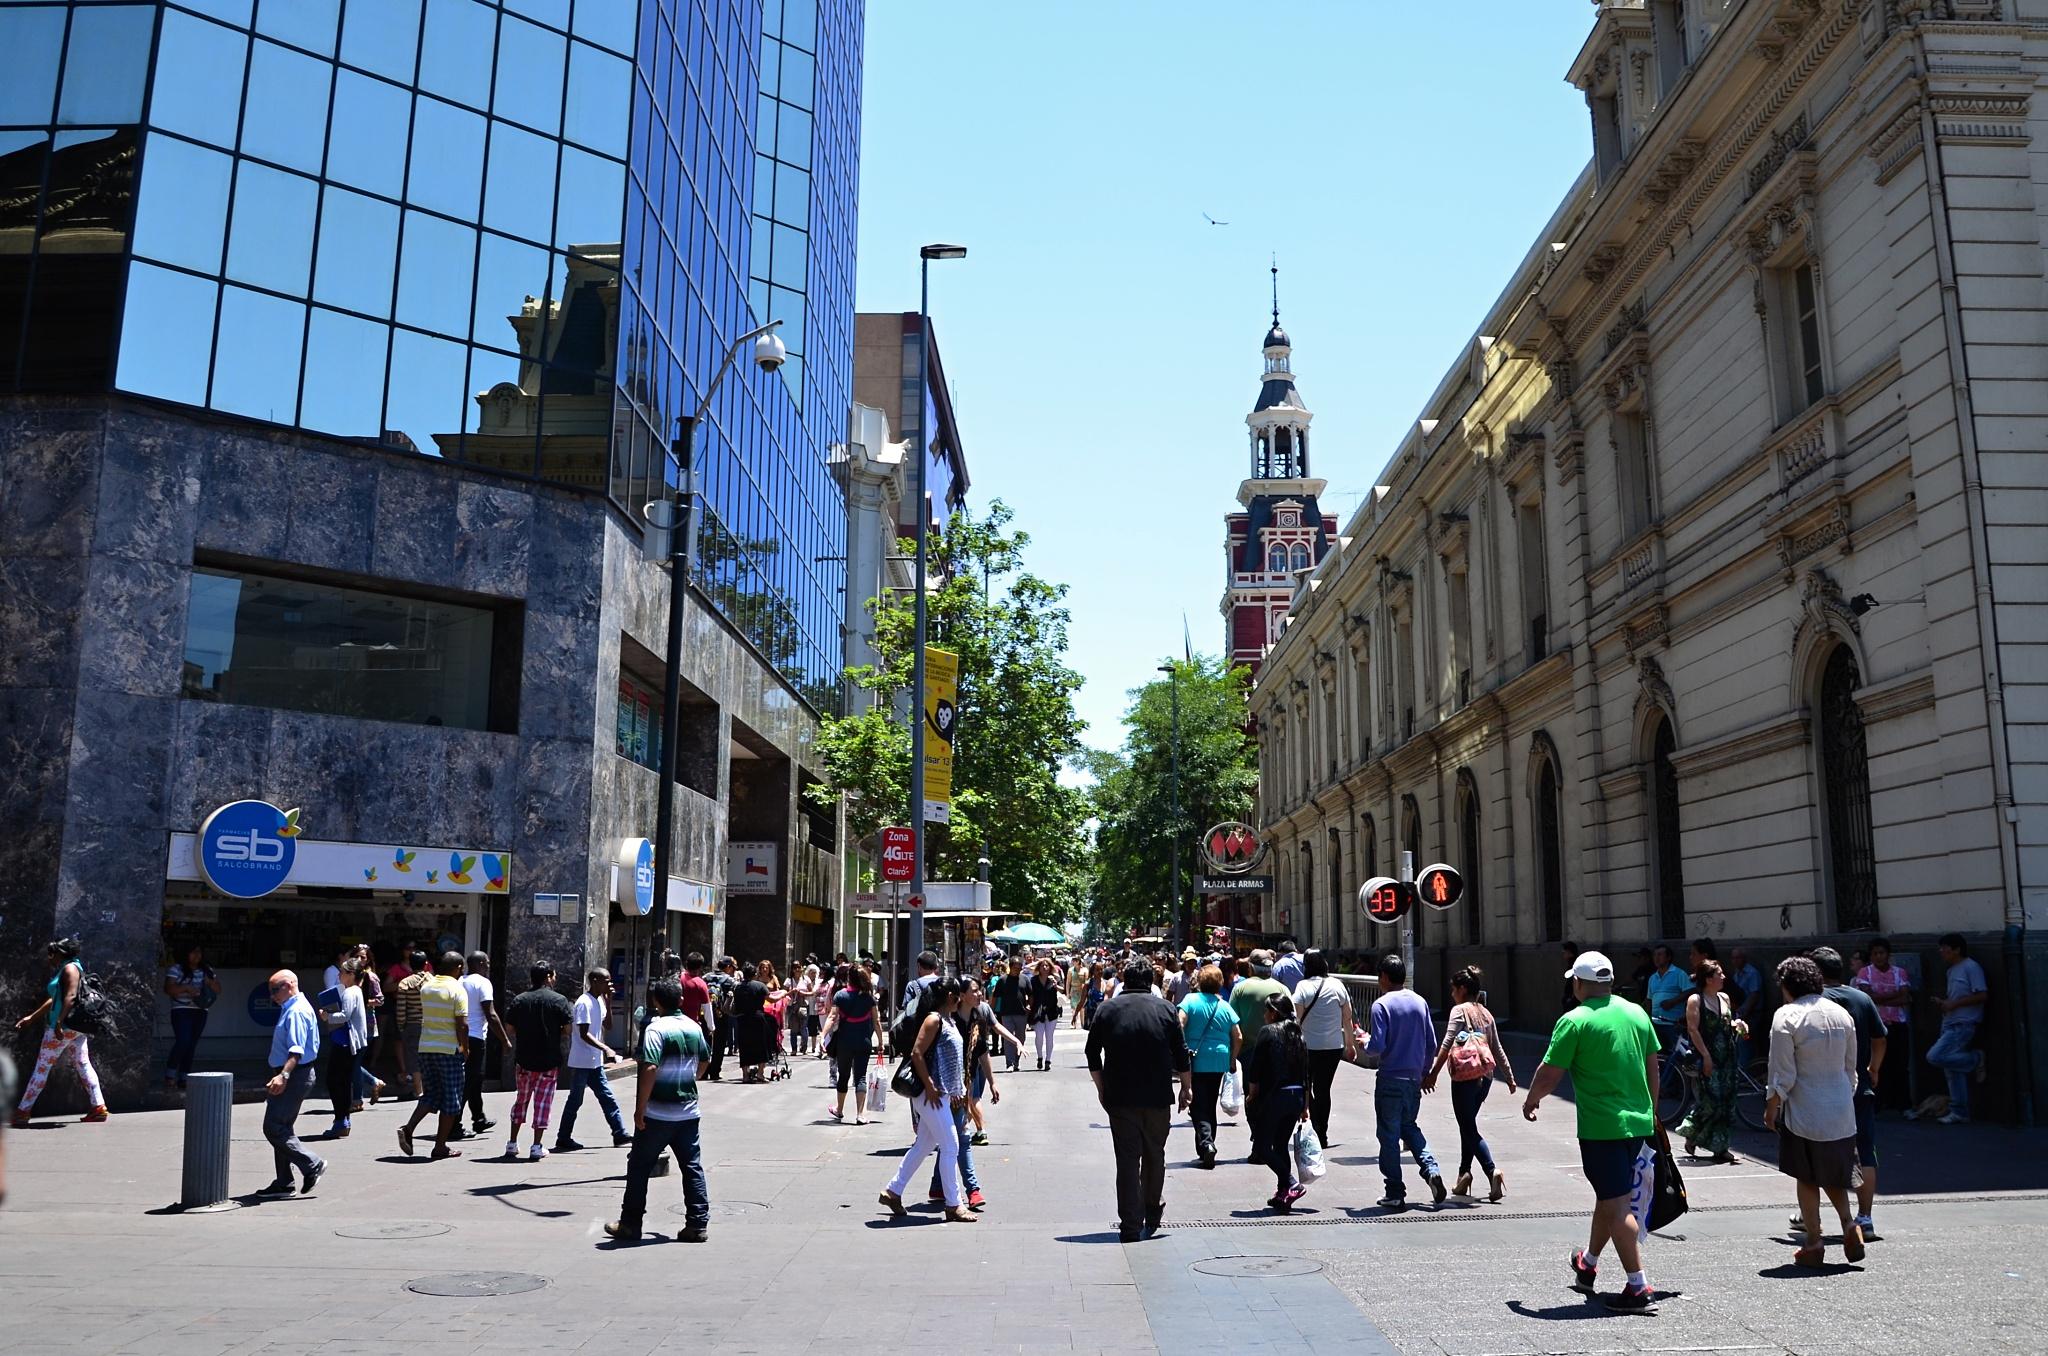 Blížíme se k náměstí Plaza de Armas